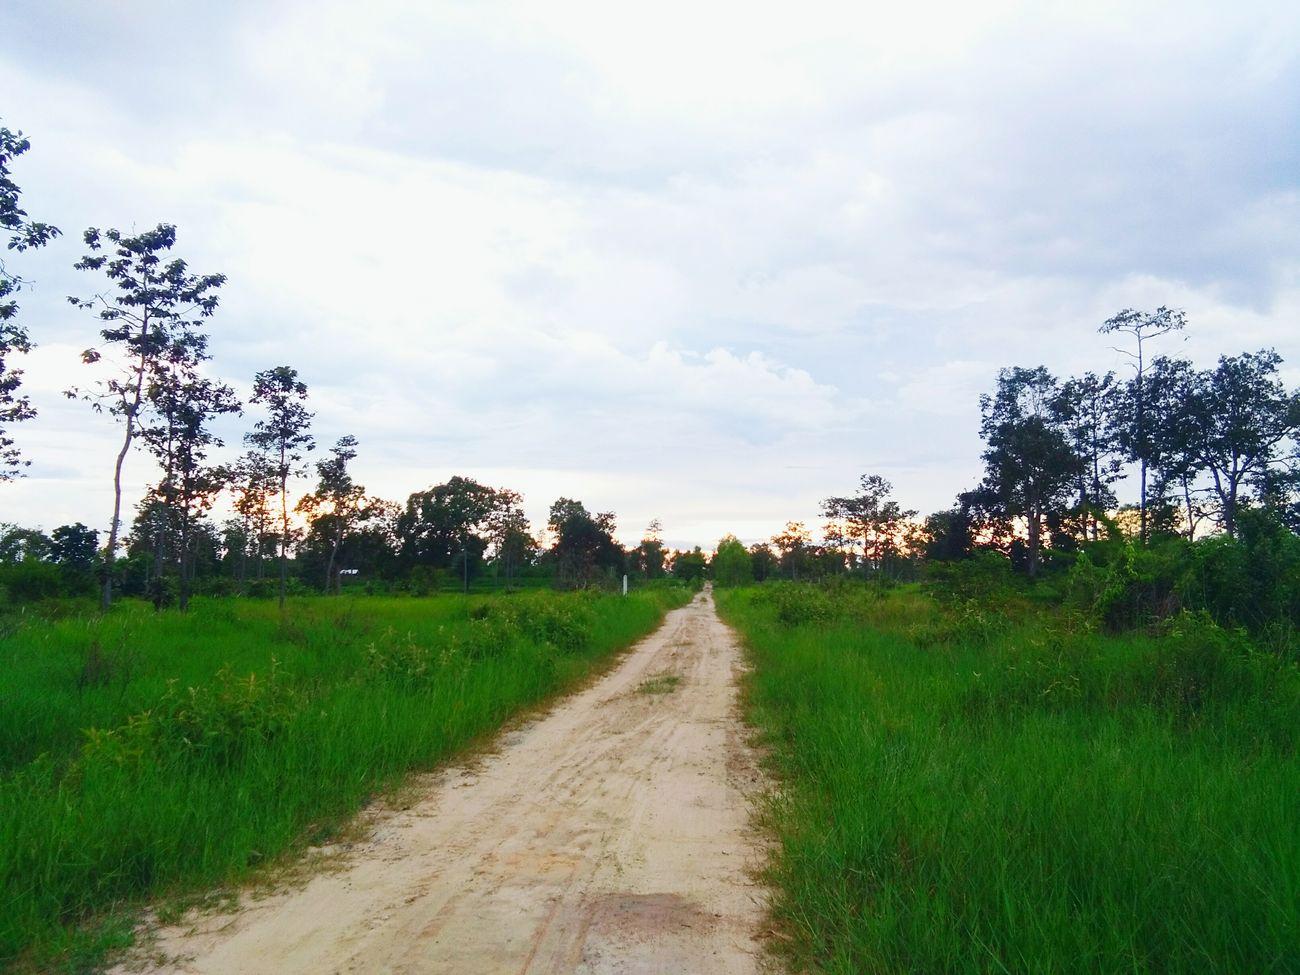 ไม่ว่าหนทางข้างหน้าของเรา จะเป็นยังไง ก็ไม่สรุปได้ว่าระหว่างทาง ที่เราเดินร่วมกัน จะเป็นทางที่ดีเสมอไป...🎌🎌🎌